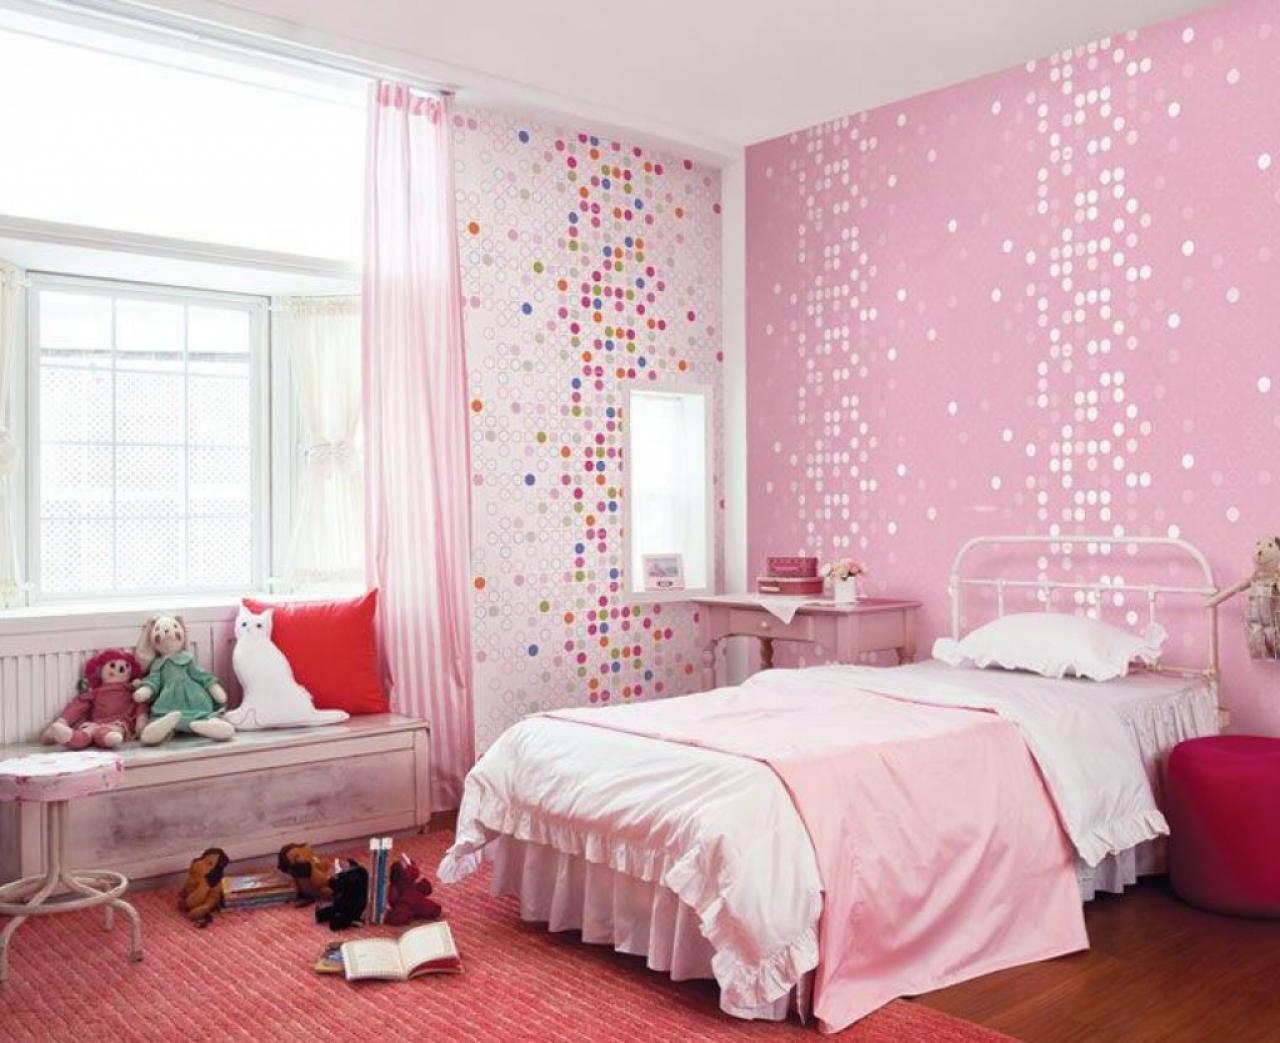 room cute pink dotty wallpaper girls bedroom home design Kids room 1280x1043